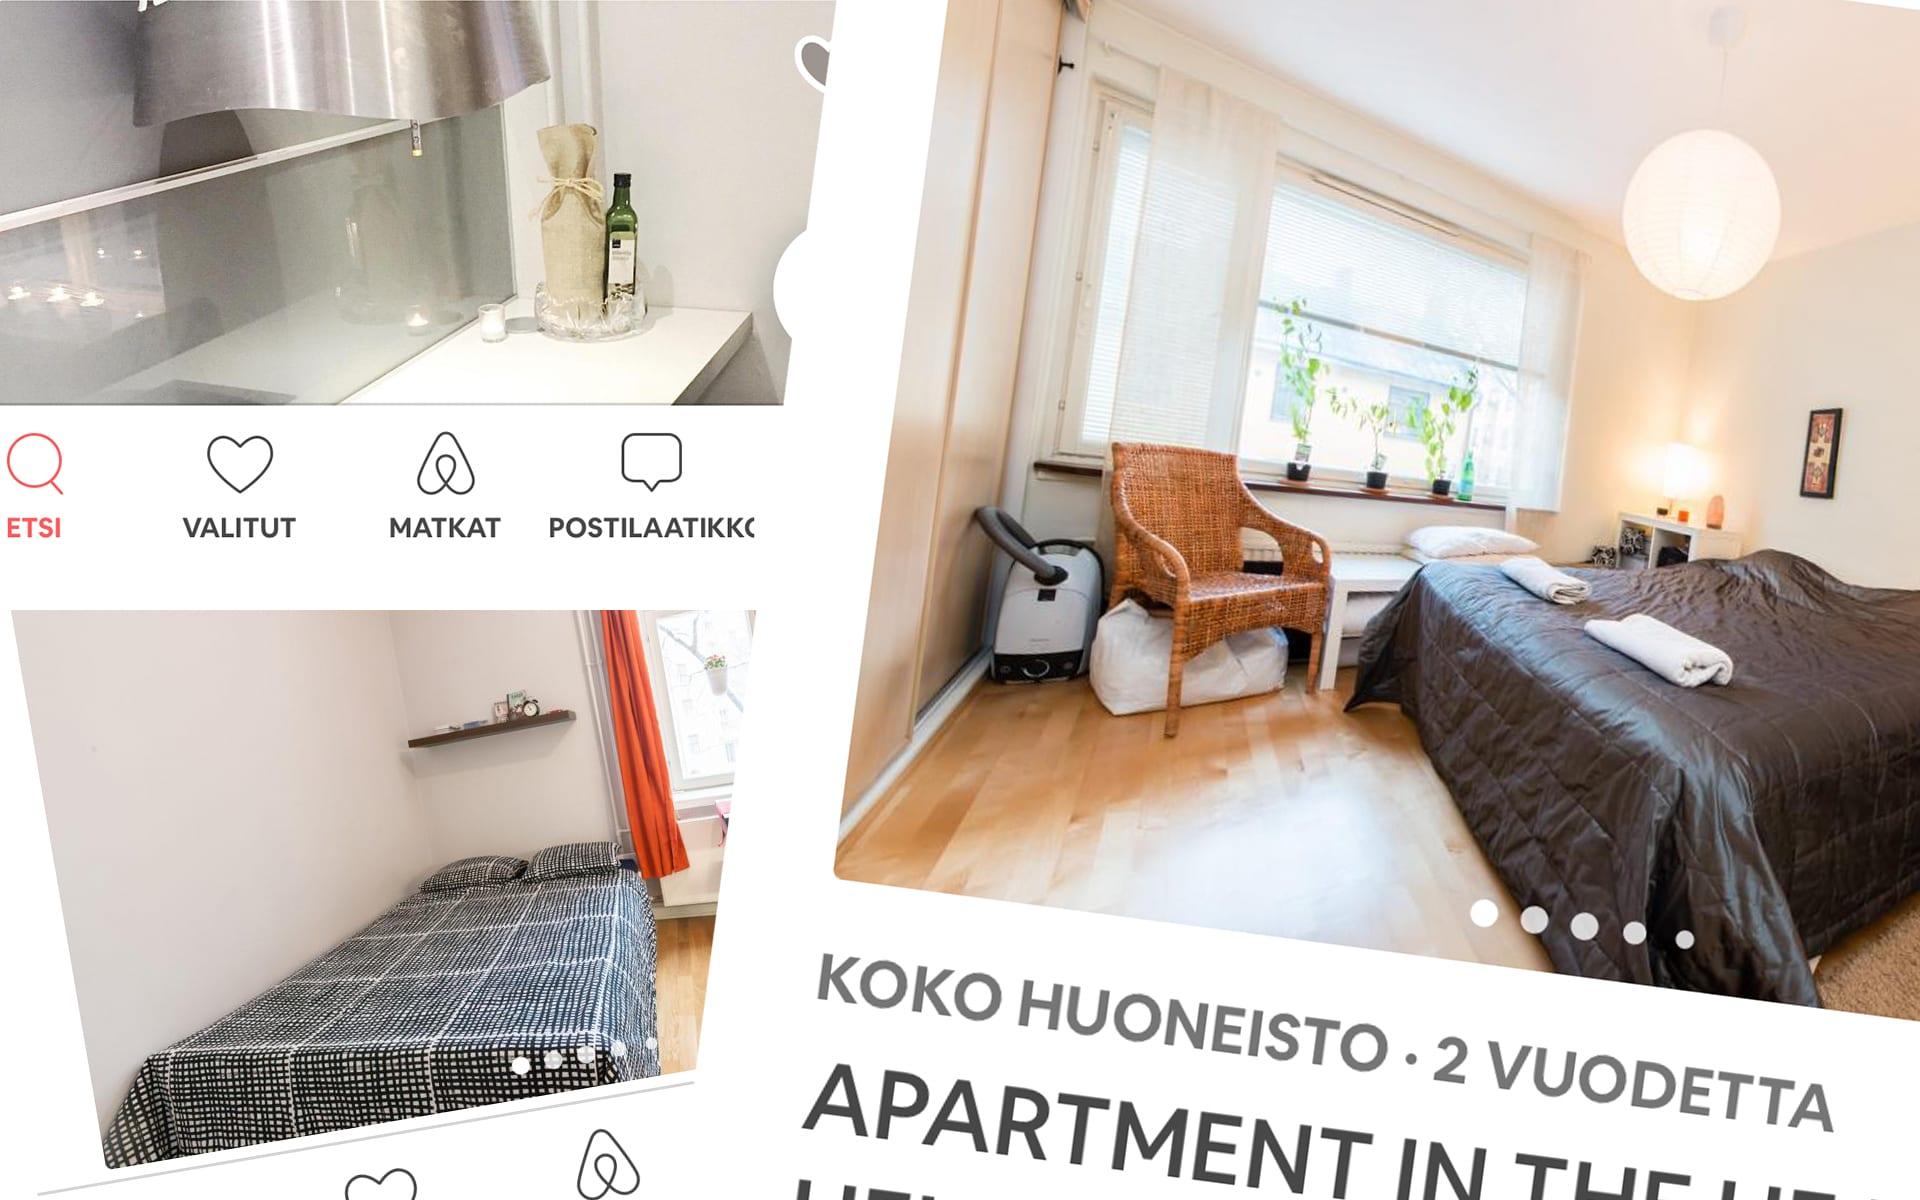 Kuvakaappauksia Airbnb:ssä olevista ilmoituksista.